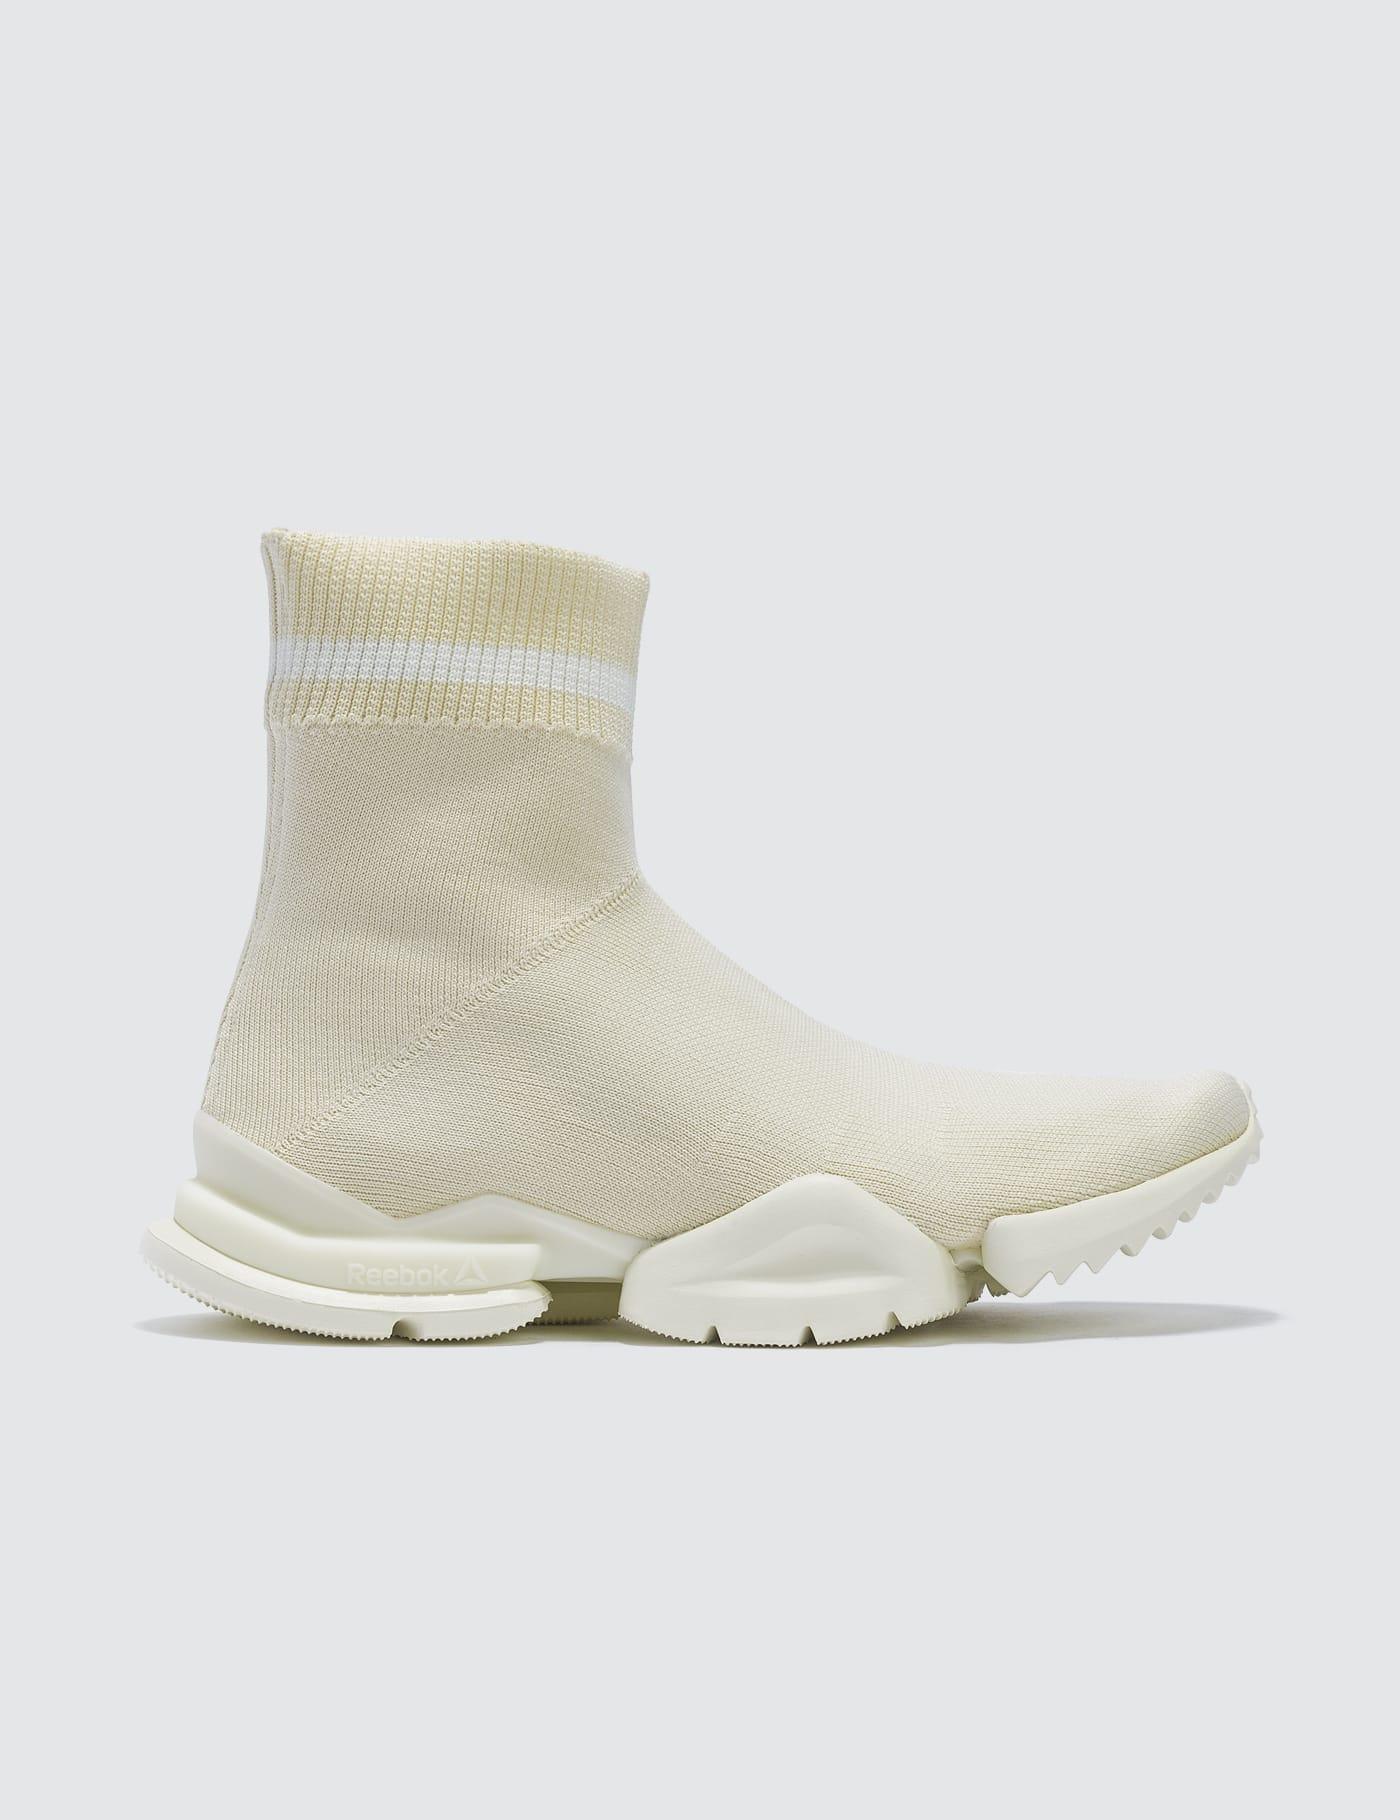 Reebok - Reebok Sock Runner   HBX